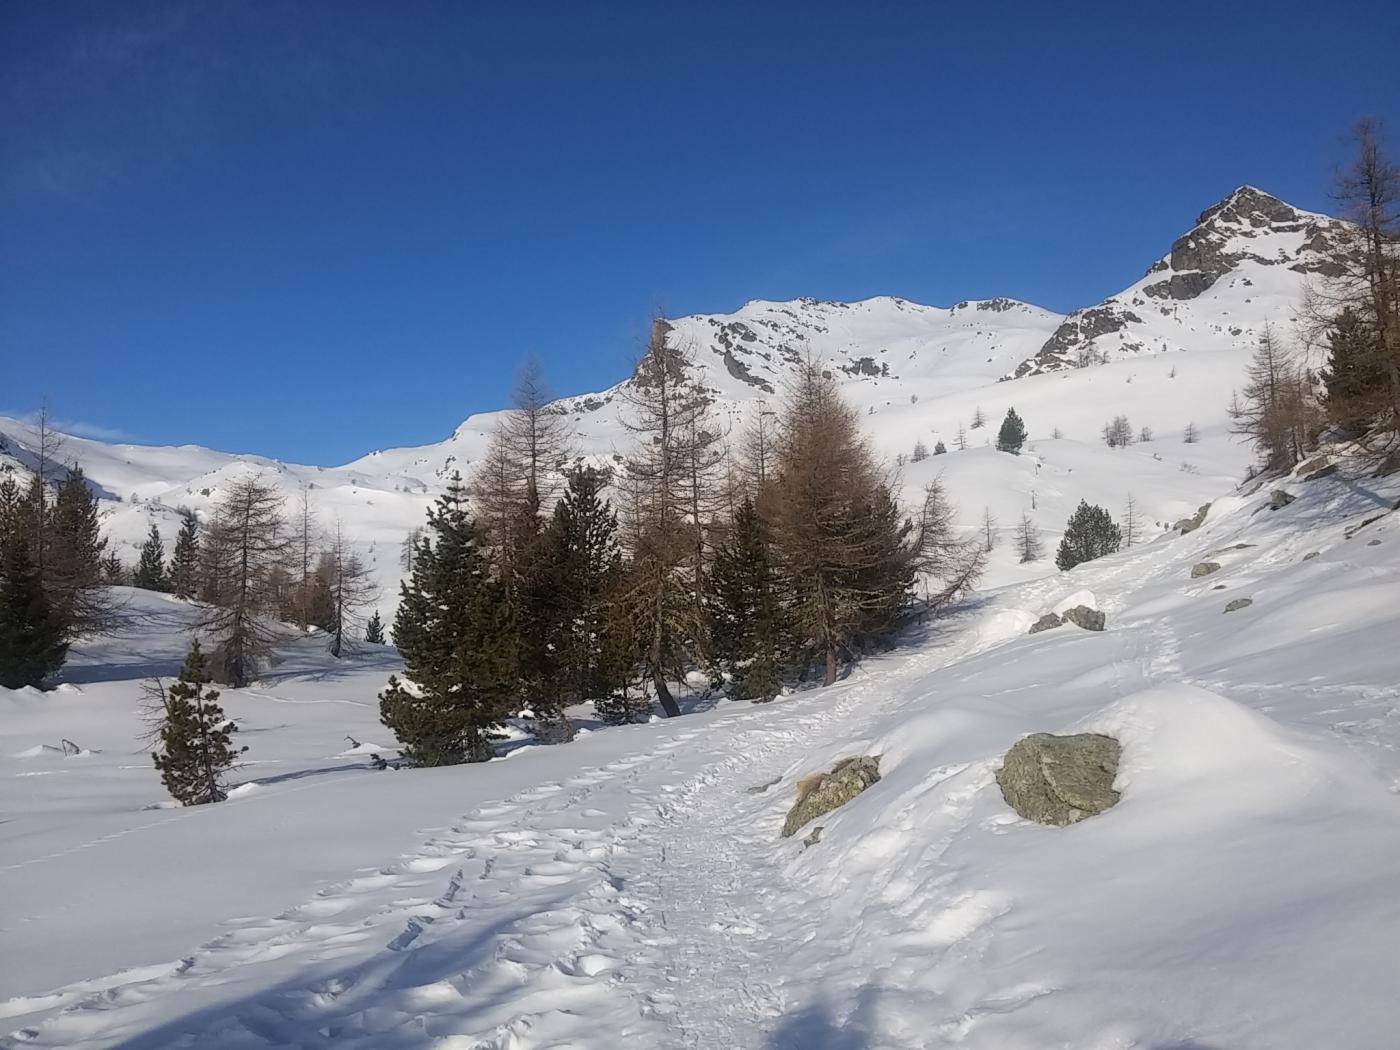 La cima con il vallone di avvicinamento